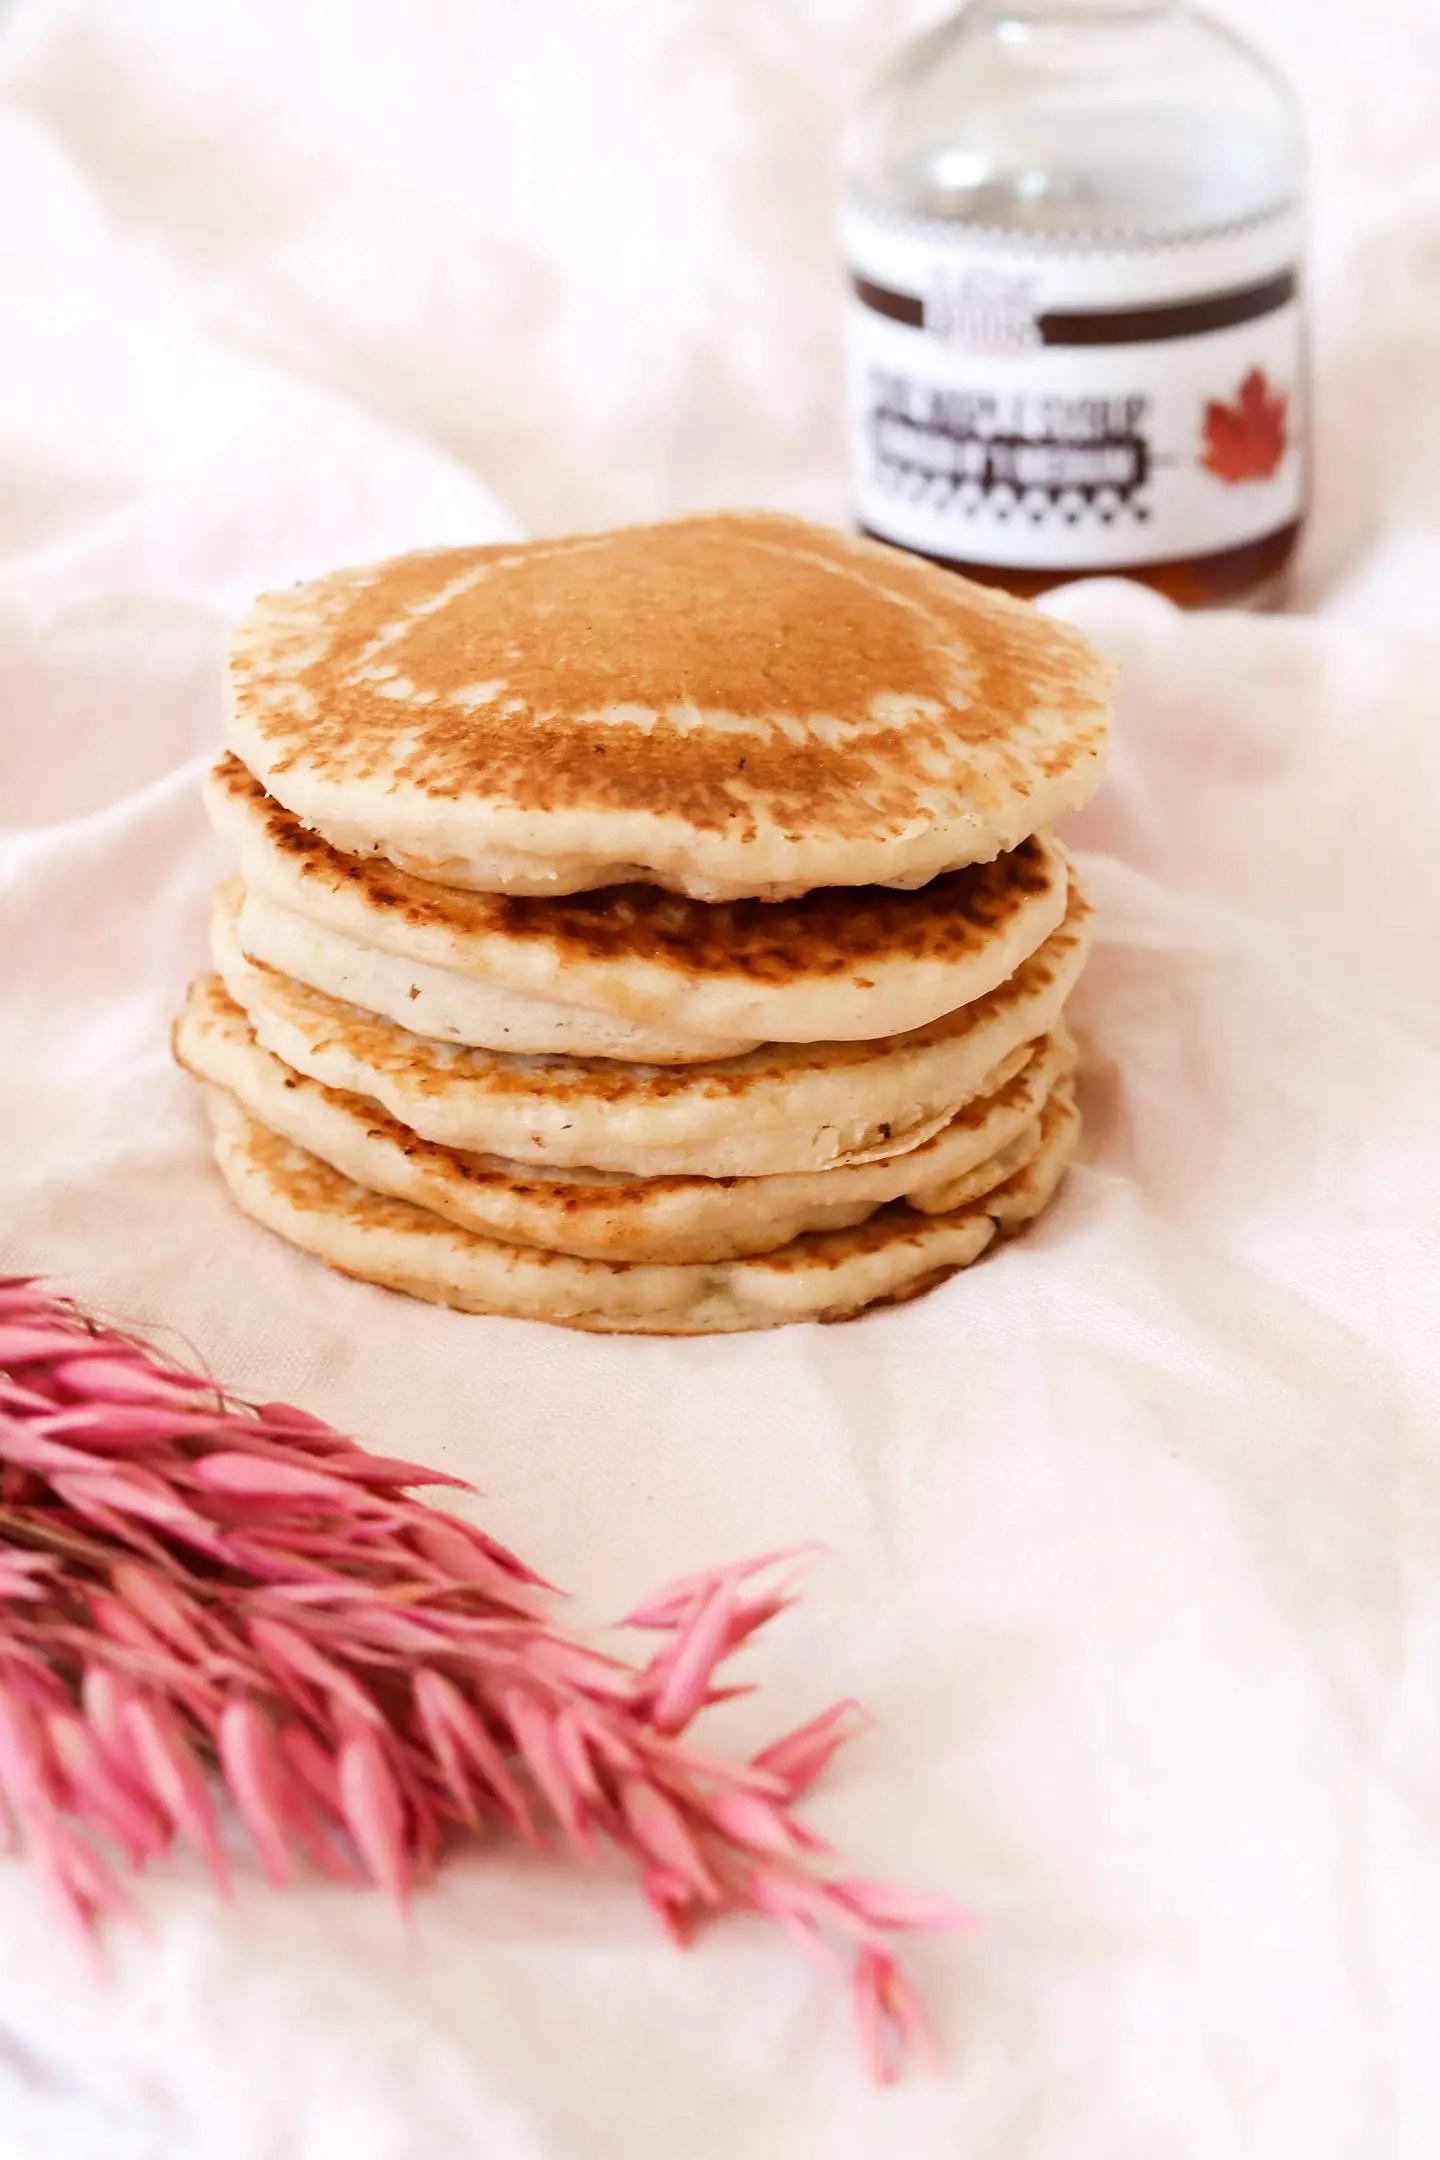 Pancakes sans oeufs sirop d'érable